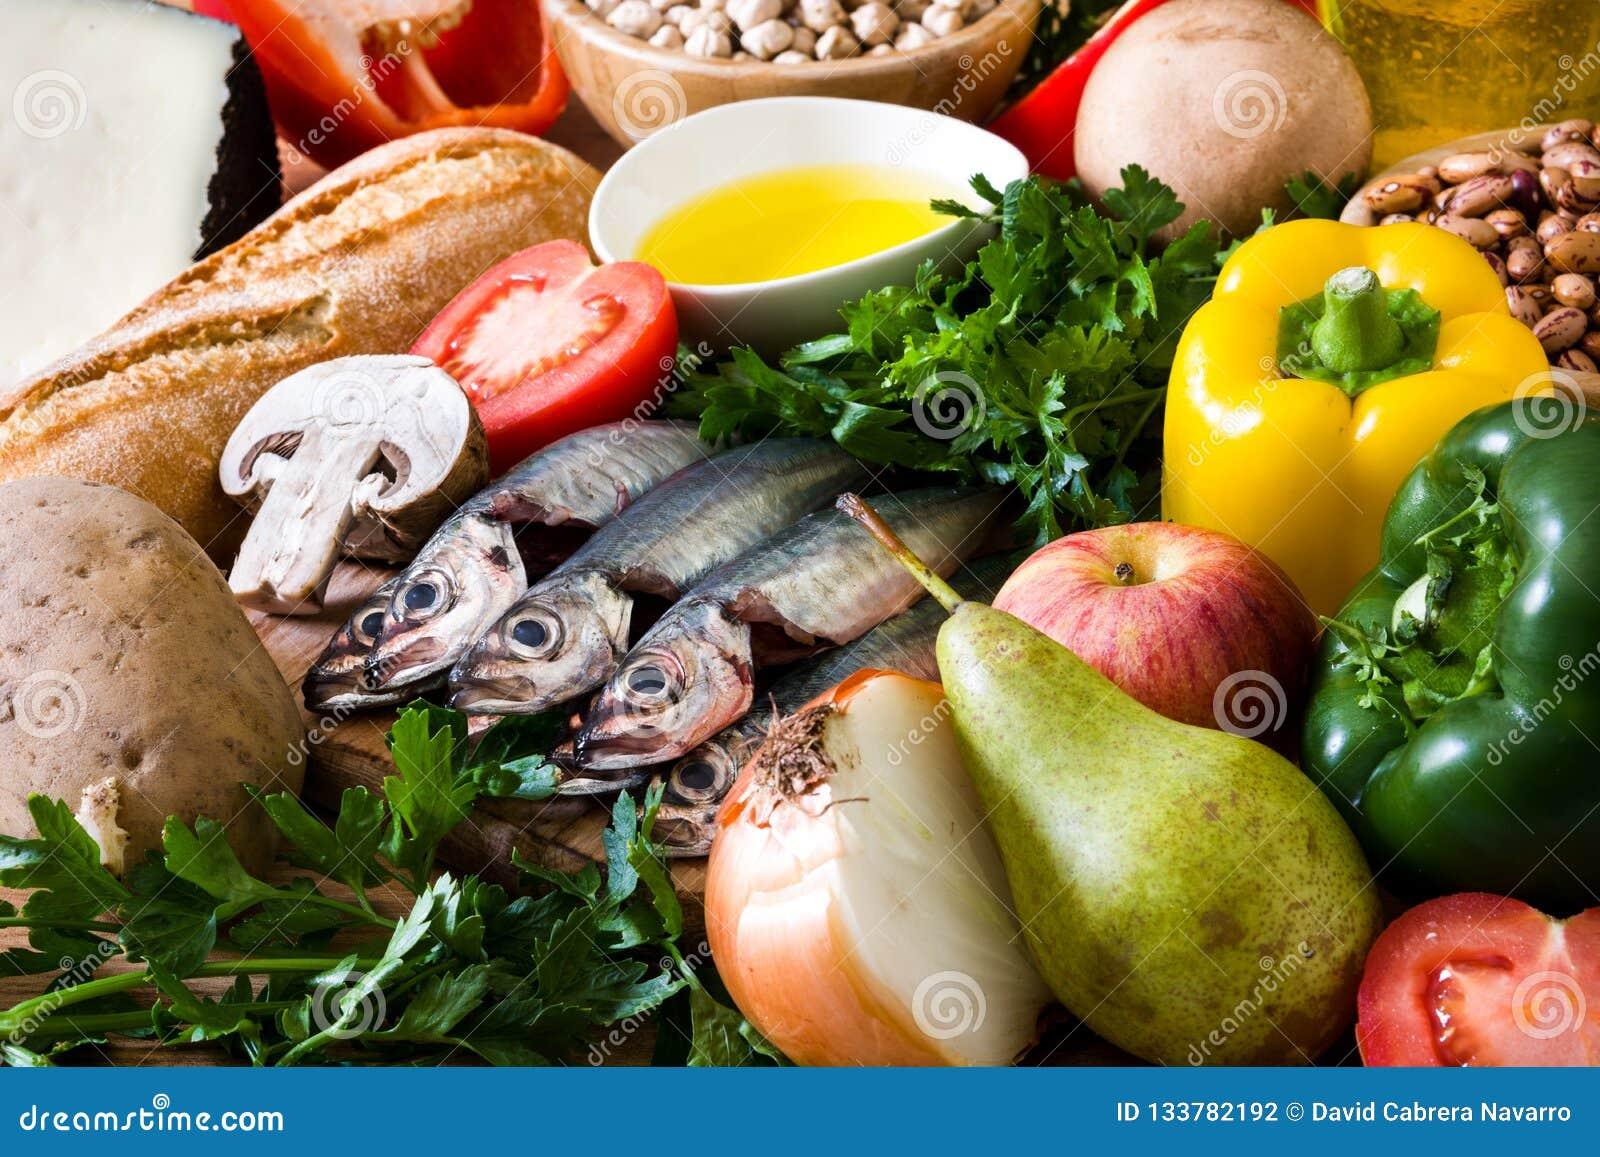 吃健康 地中海的饮食 水果、菜、五谷、胡说的橄榄油和鱼